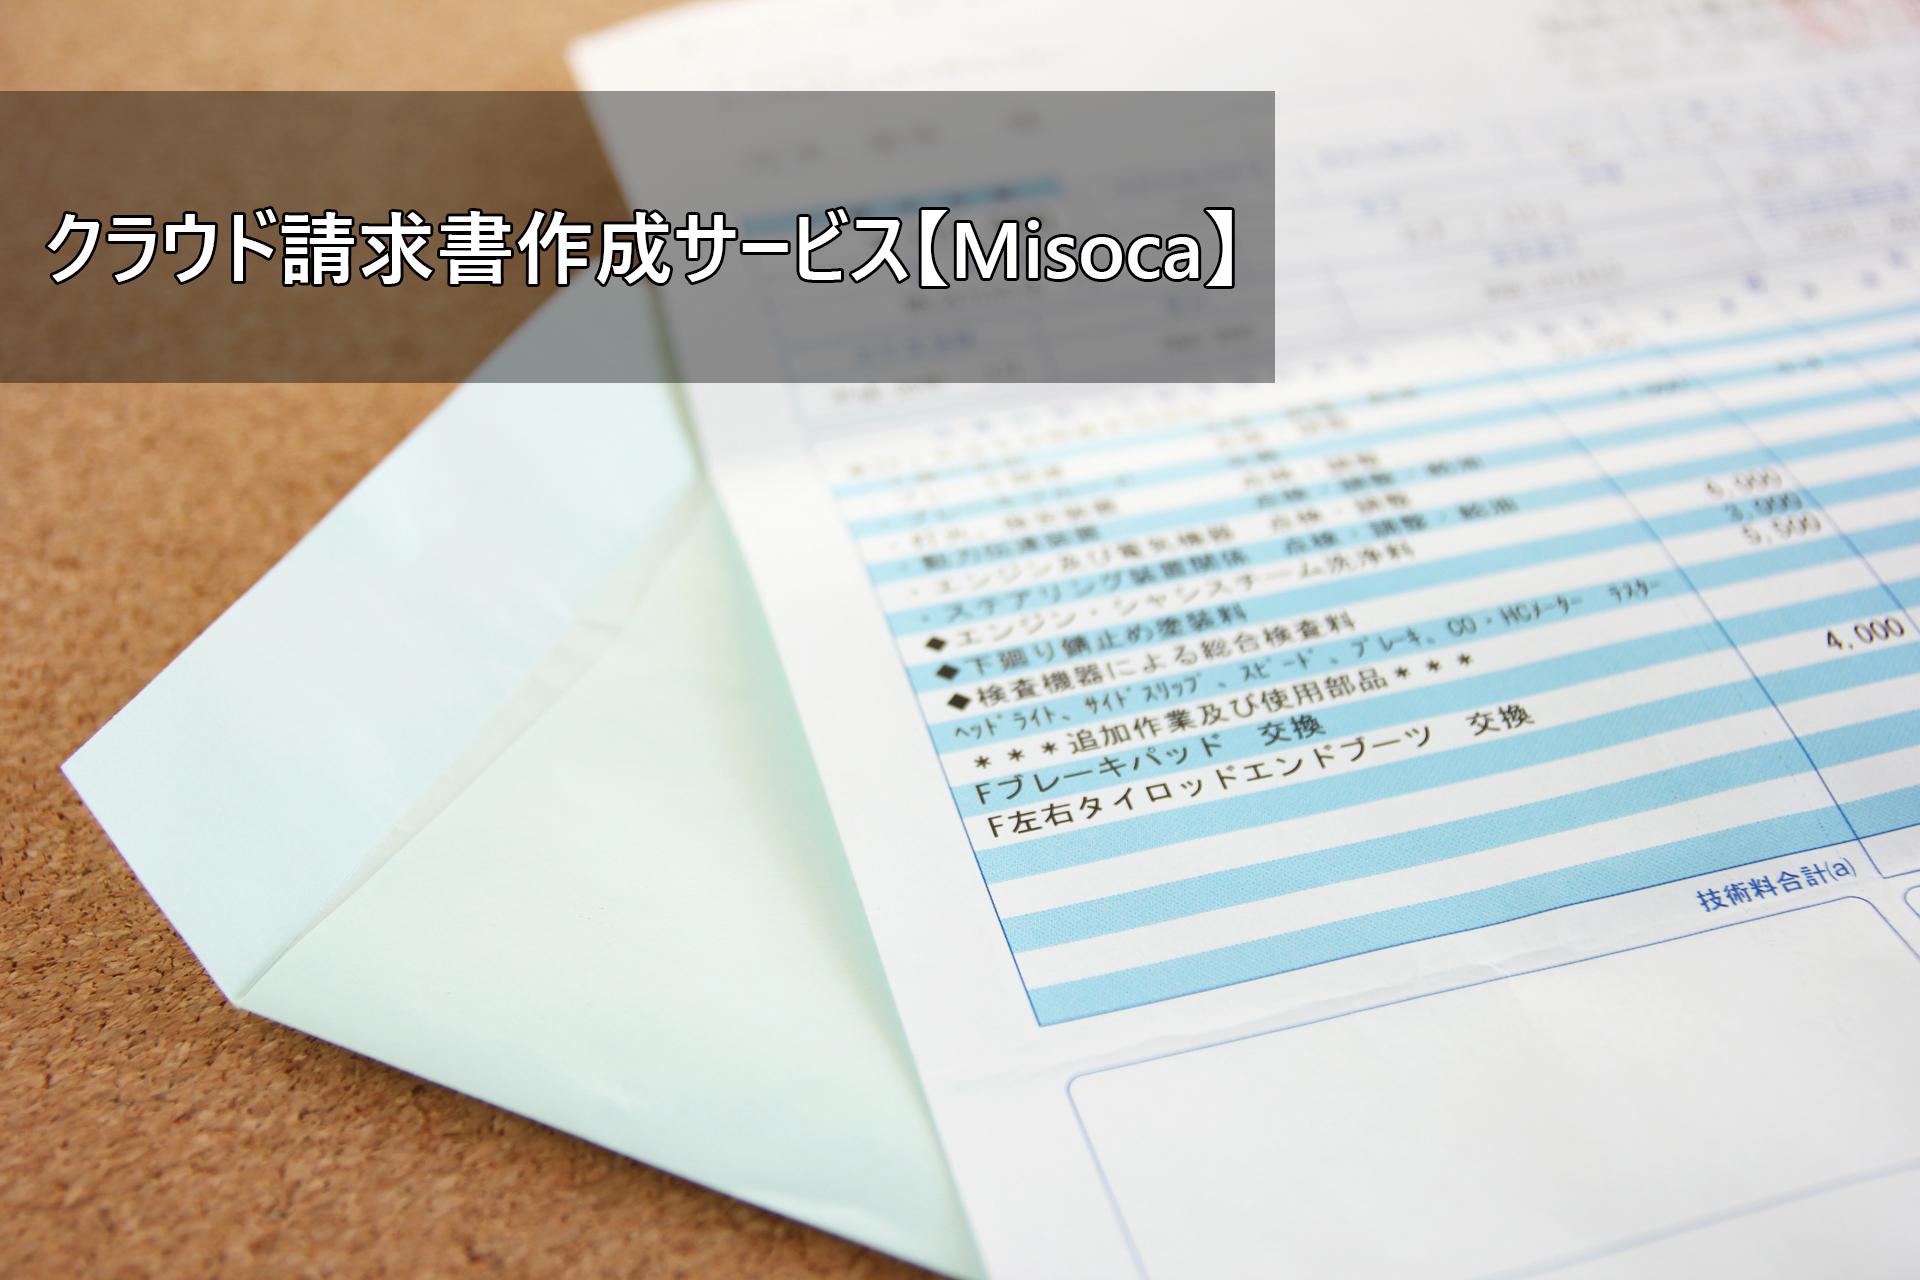 MIsoca紹介記事